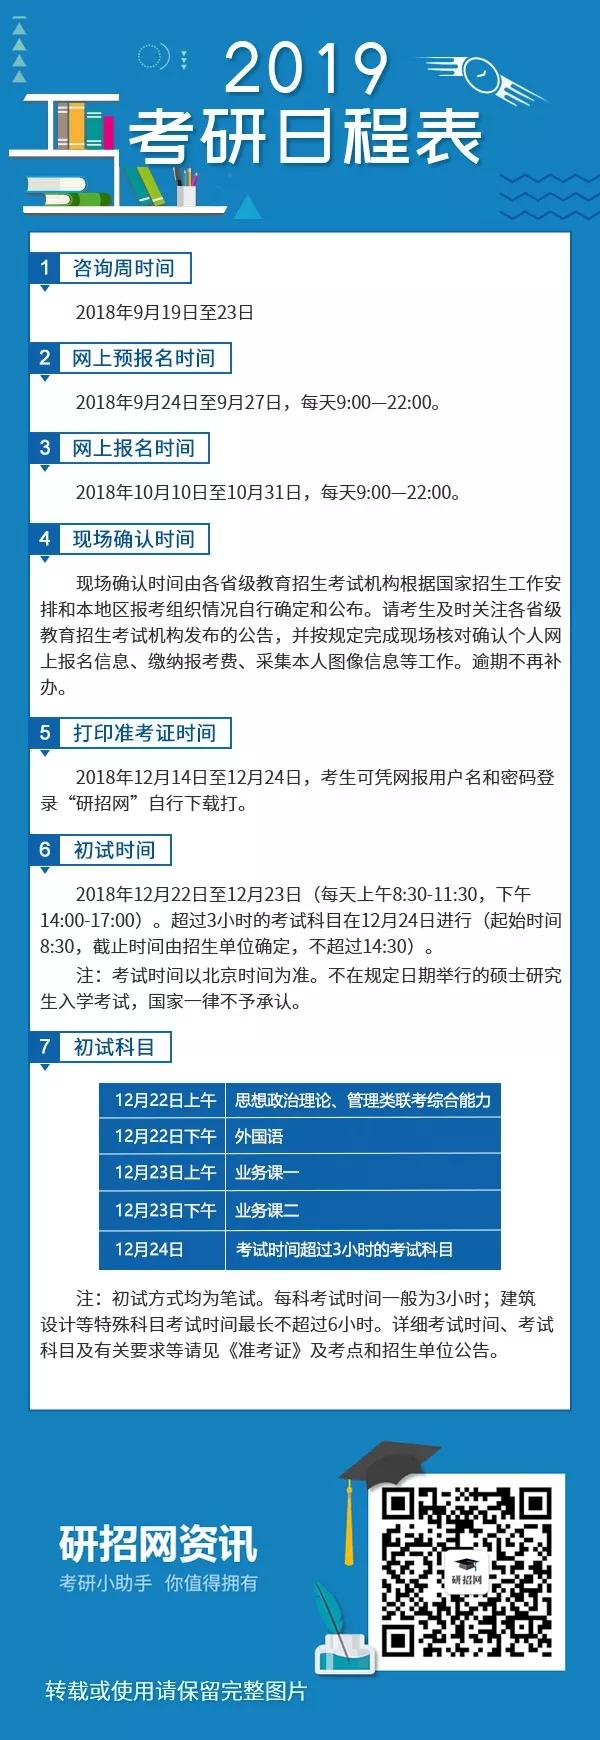 教育部正式公布2019MBA聯考時間:12月22日